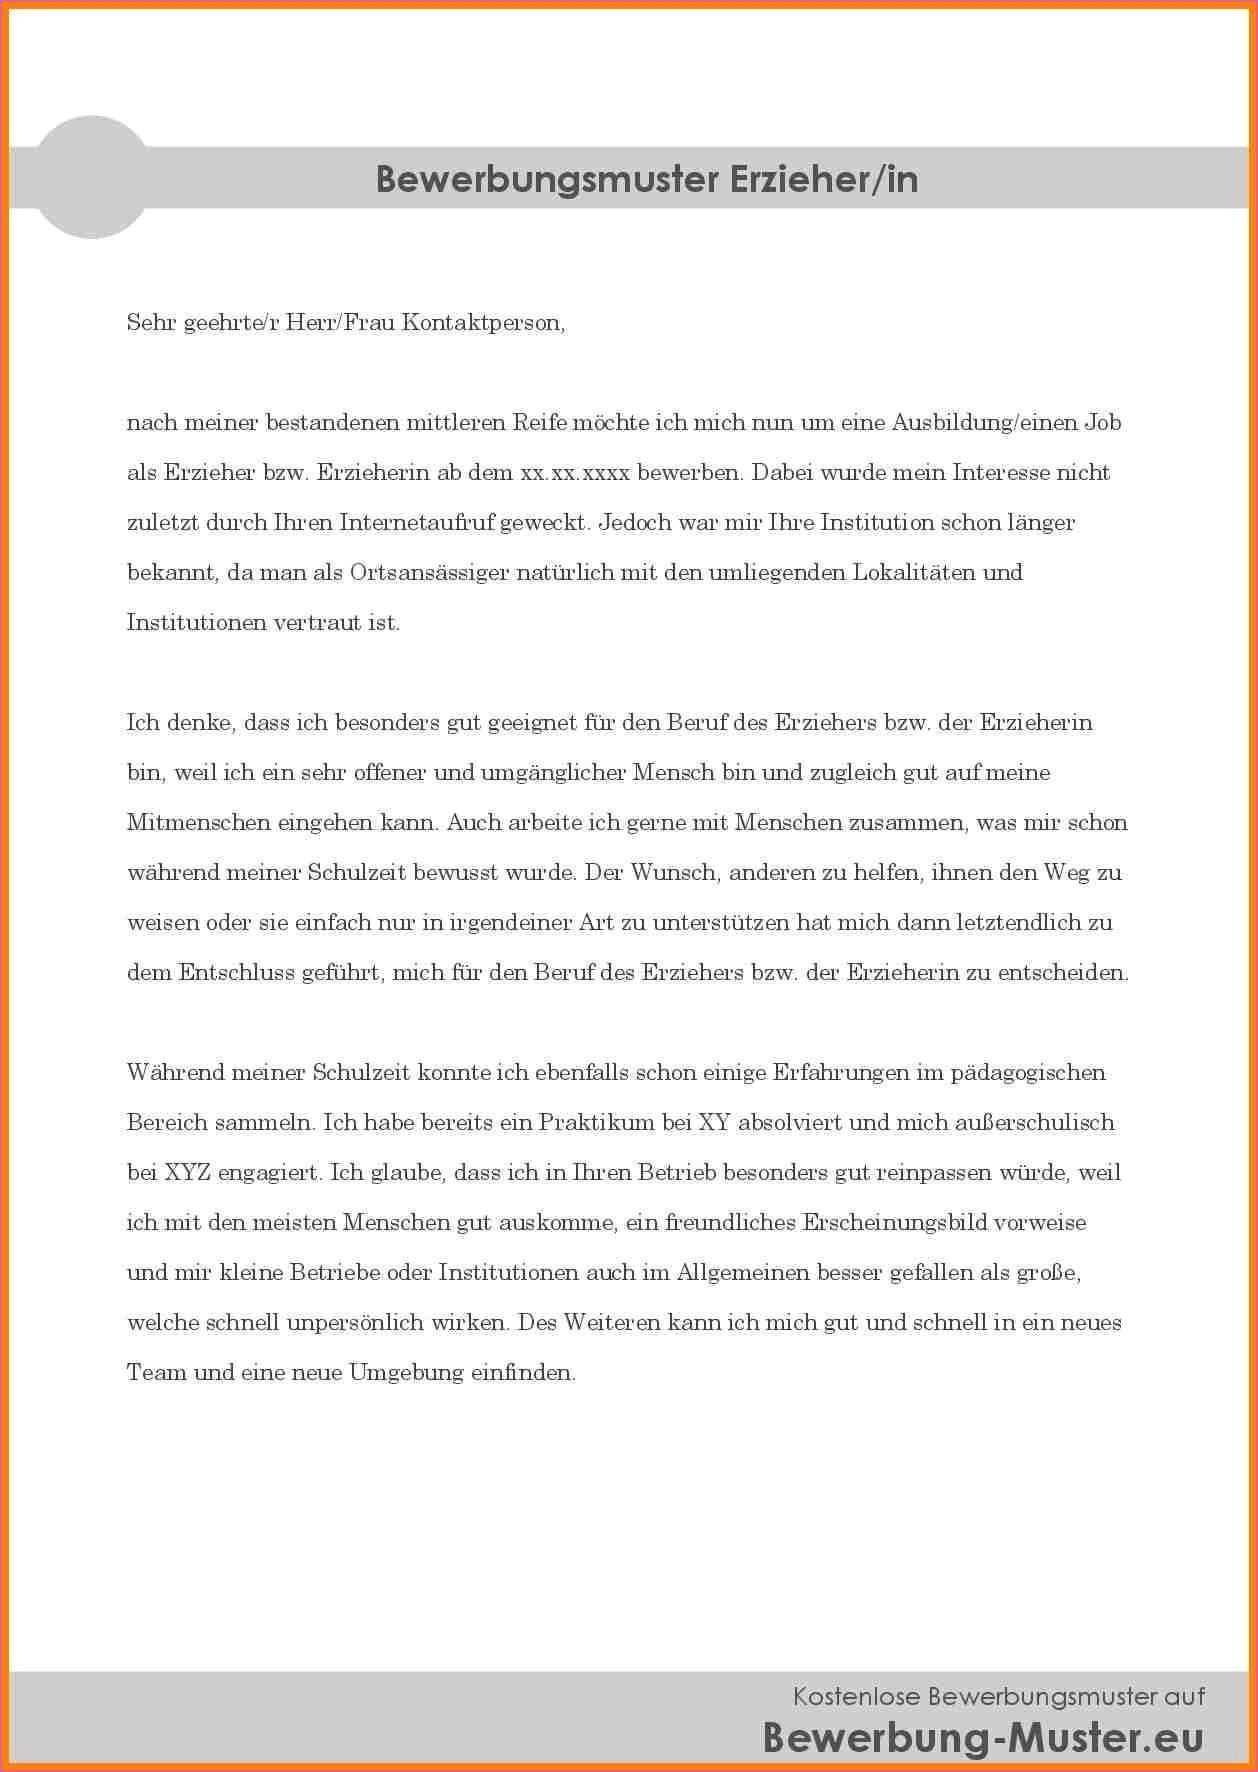 Liebesgedichte Fur Mein Schatz Zum Weinen In 2020 Liebesgedicht Gedicht Weihnachten Lustige Gedichte